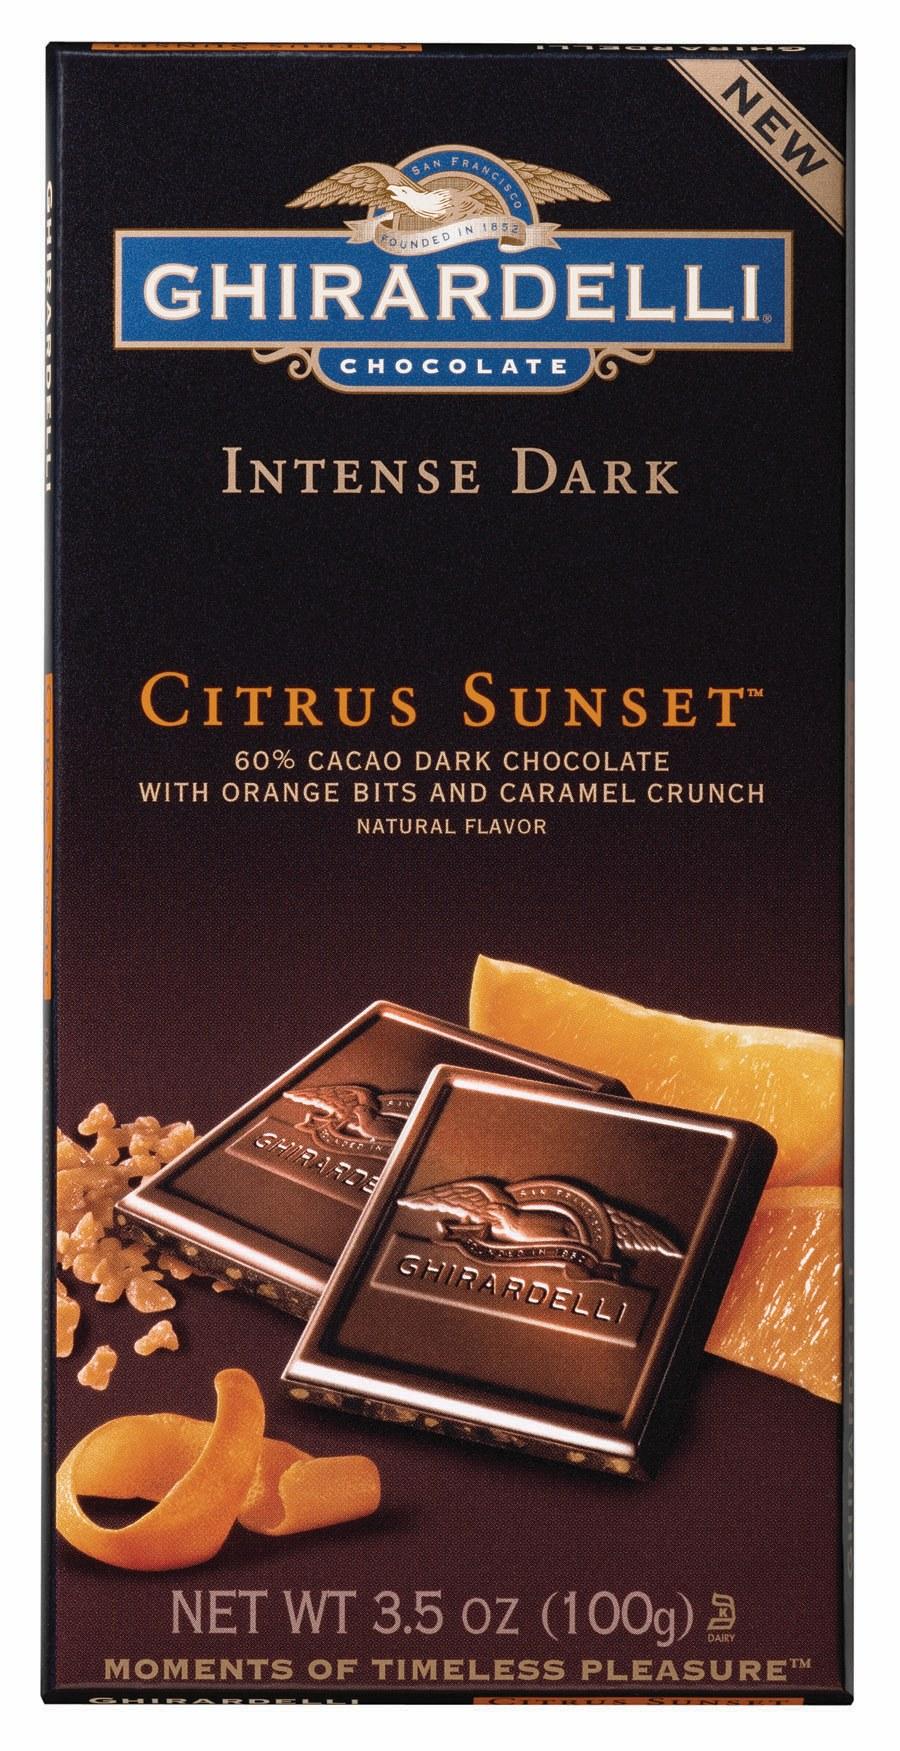 Ghirardelli Chocolate Intense Dark Bars